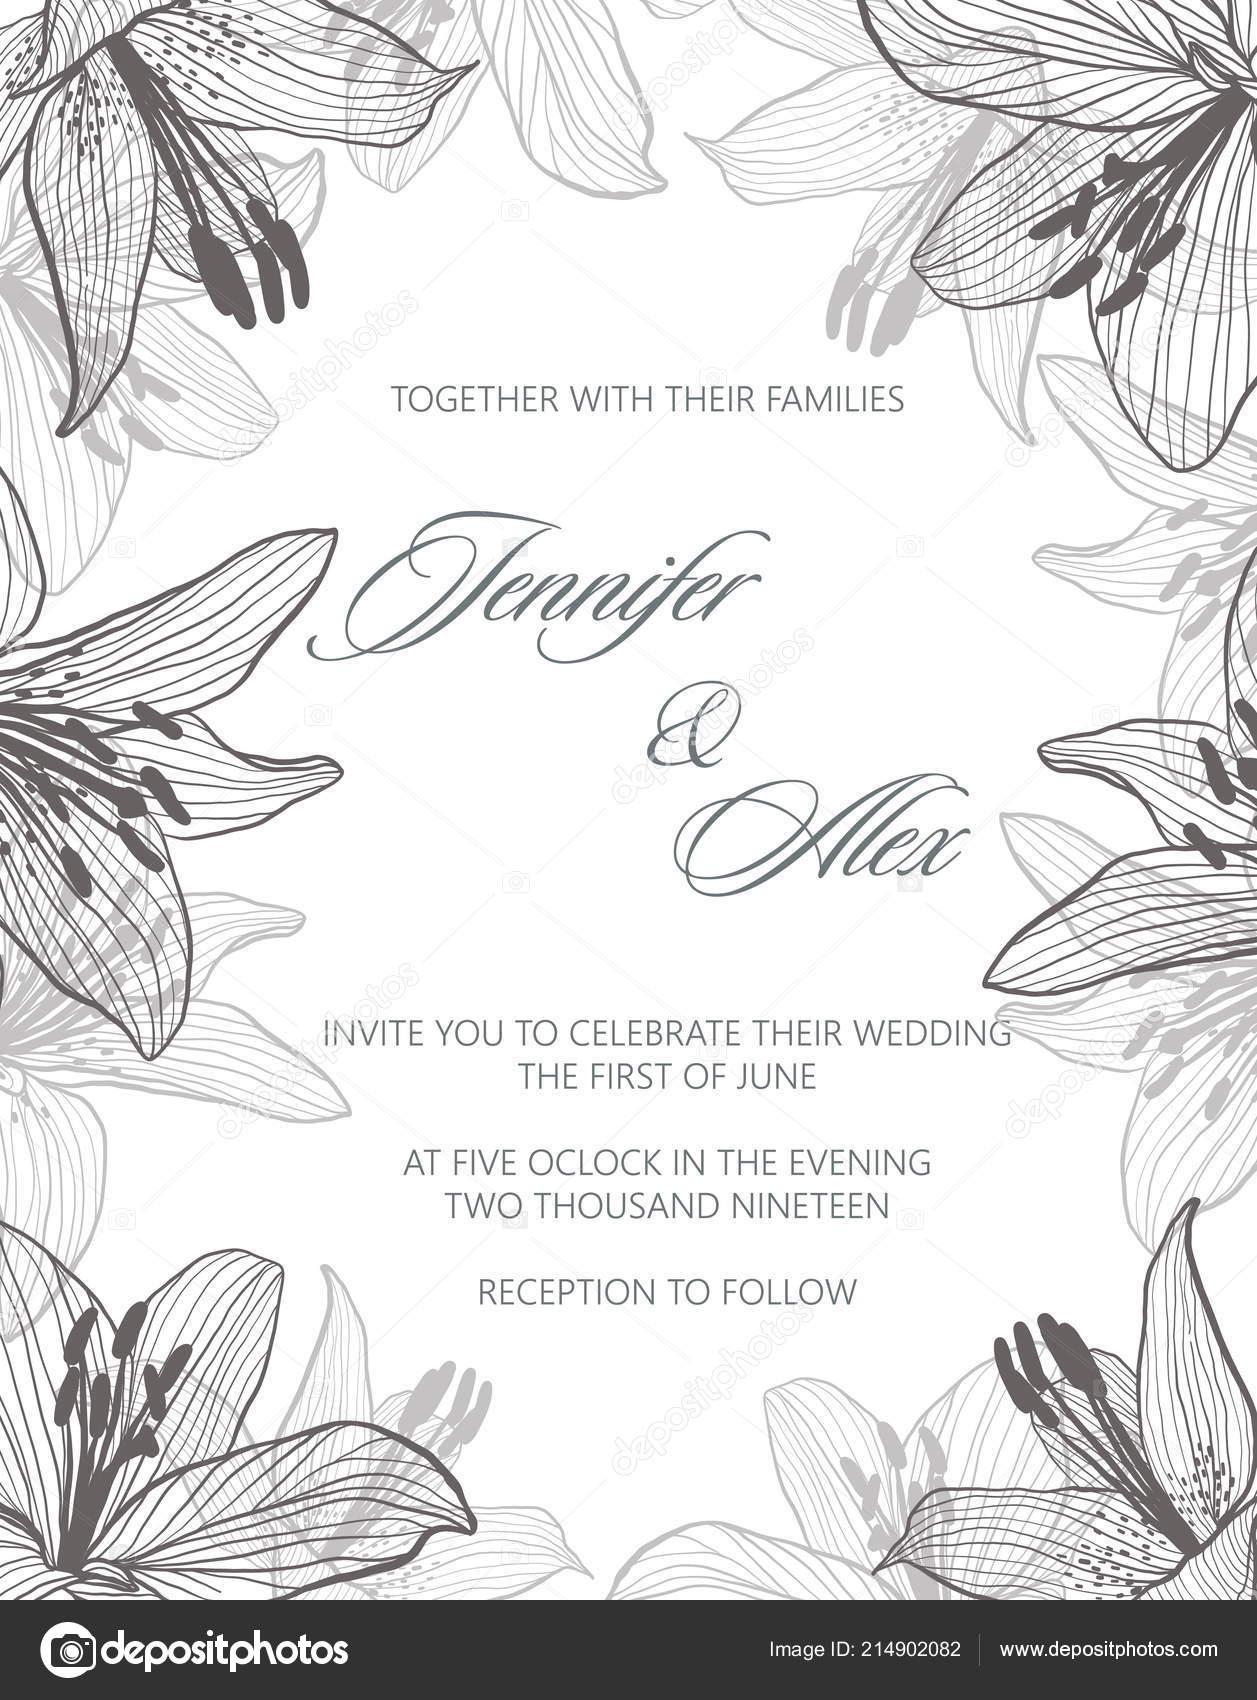 Hochzeit Einladung Muster Mit Blumen Lilien Vektor Stockvektor